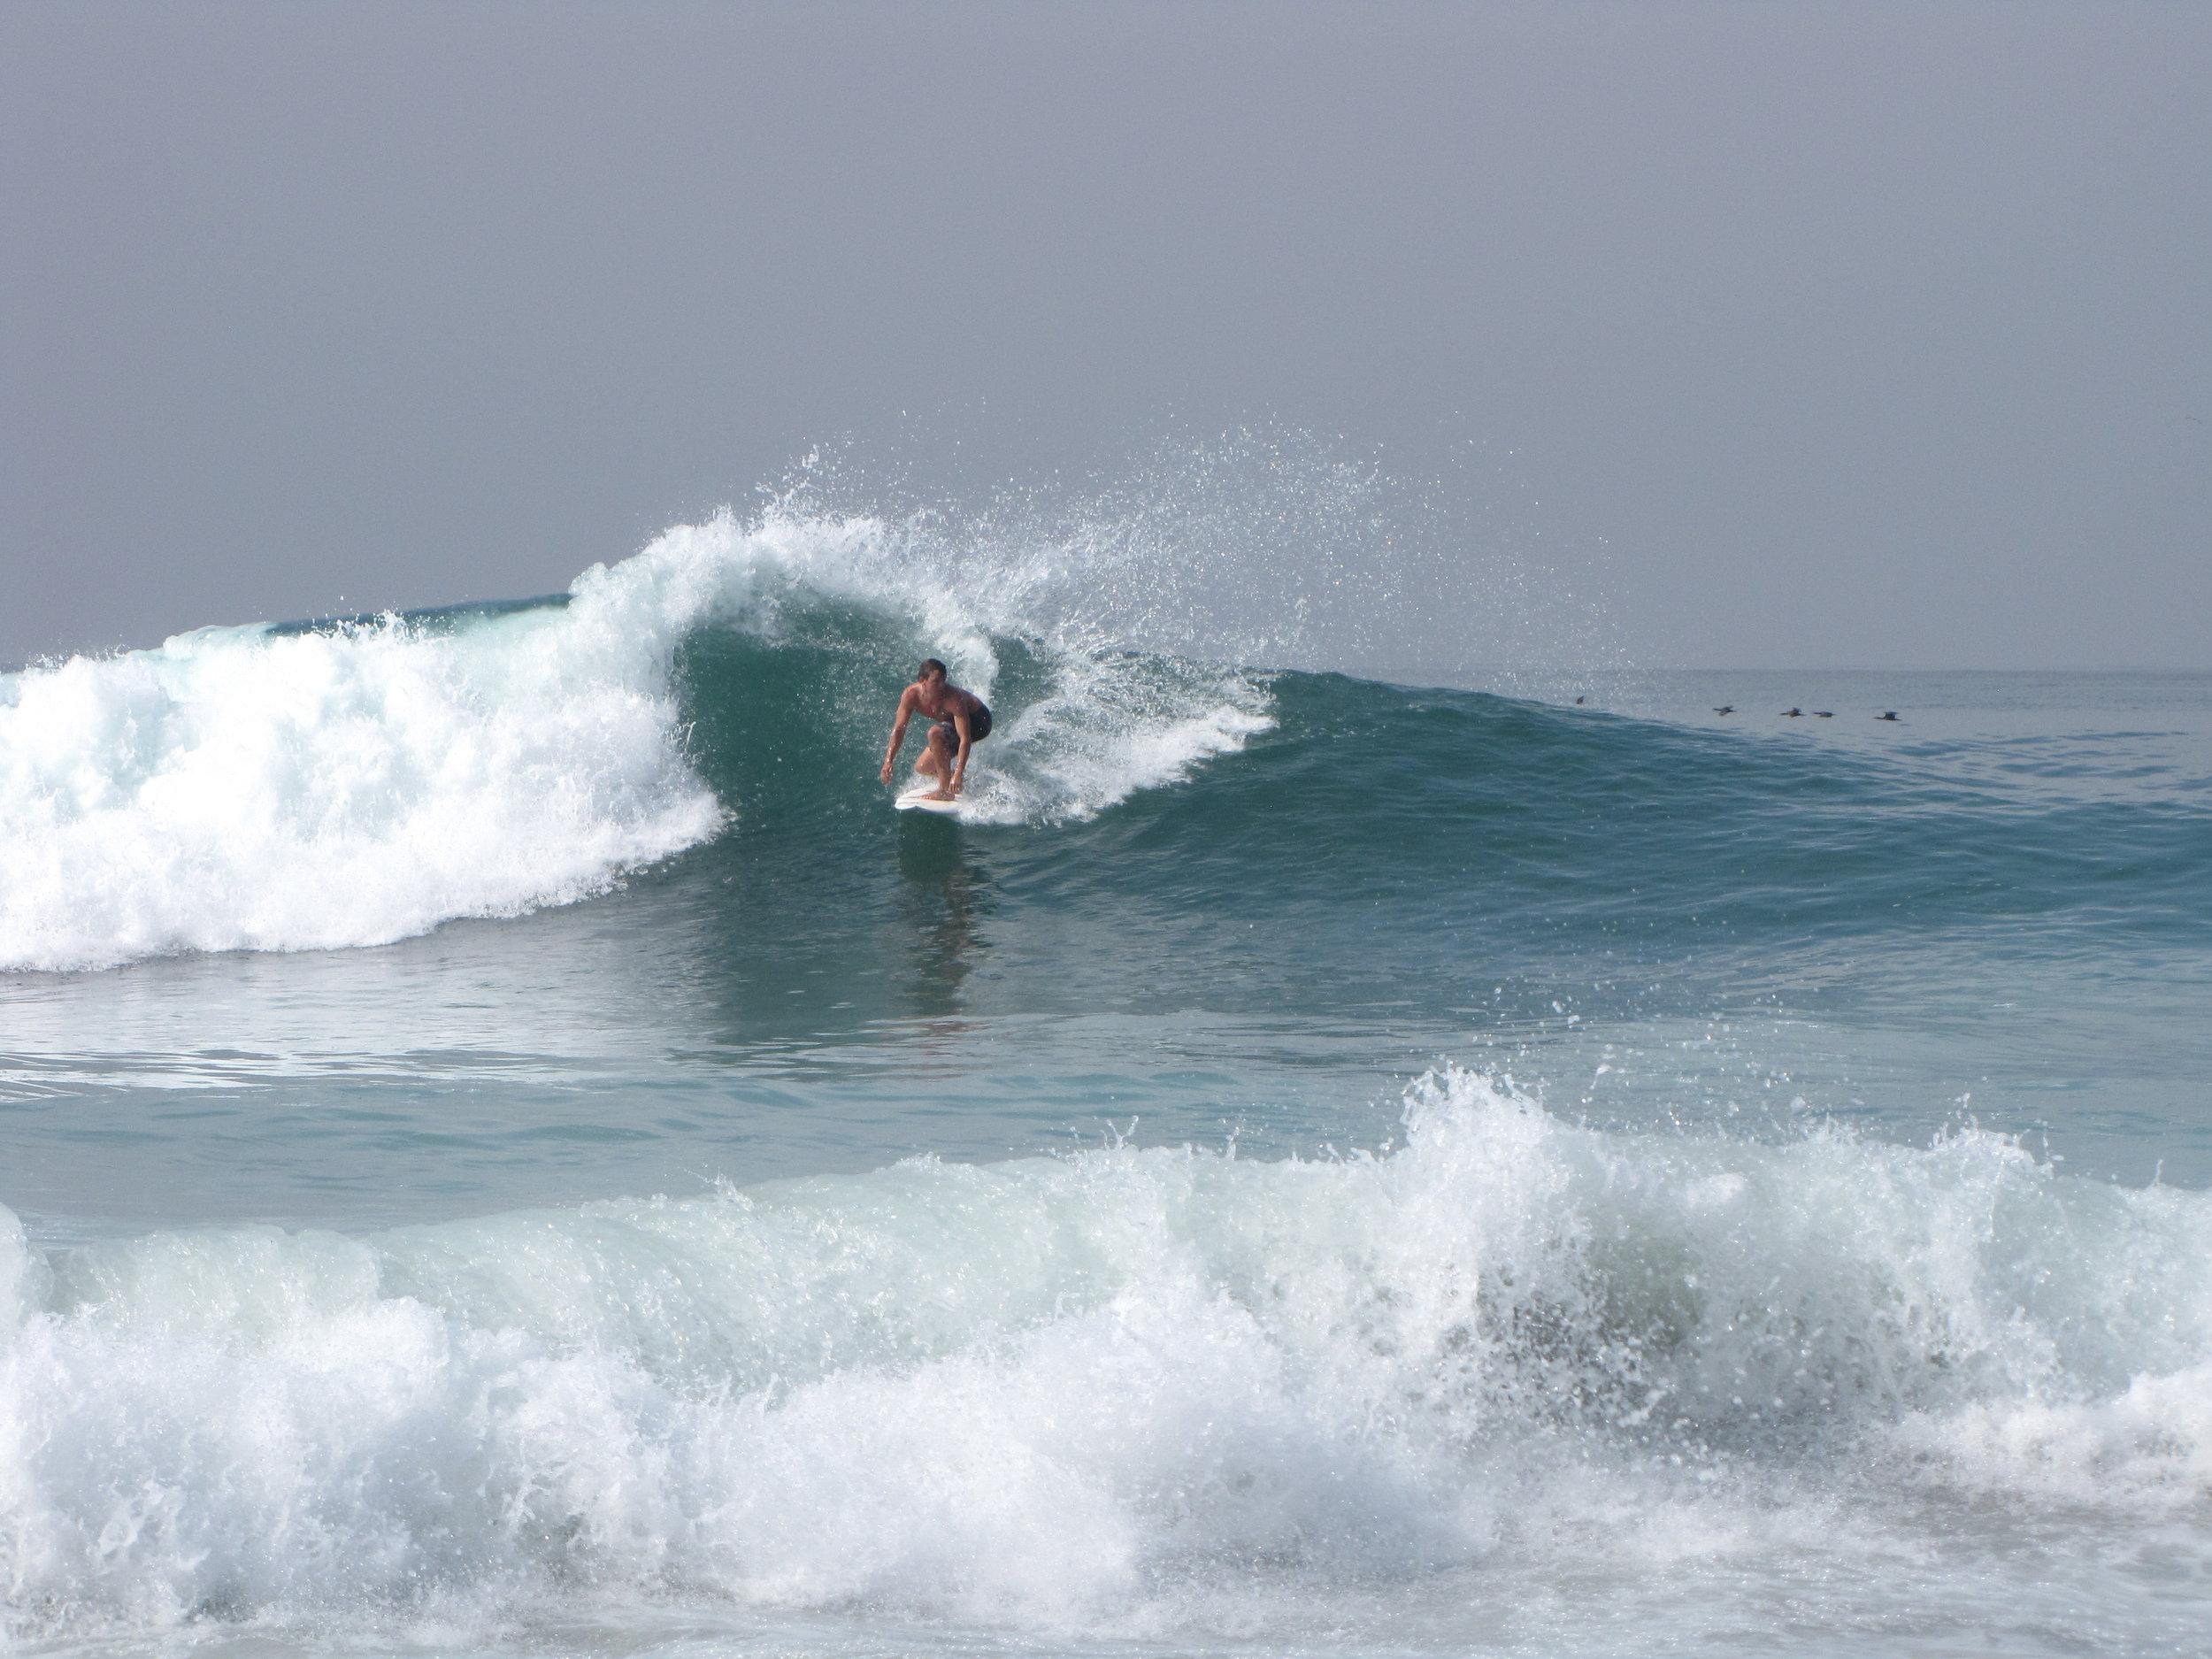 SURF & SKATE - January 2020